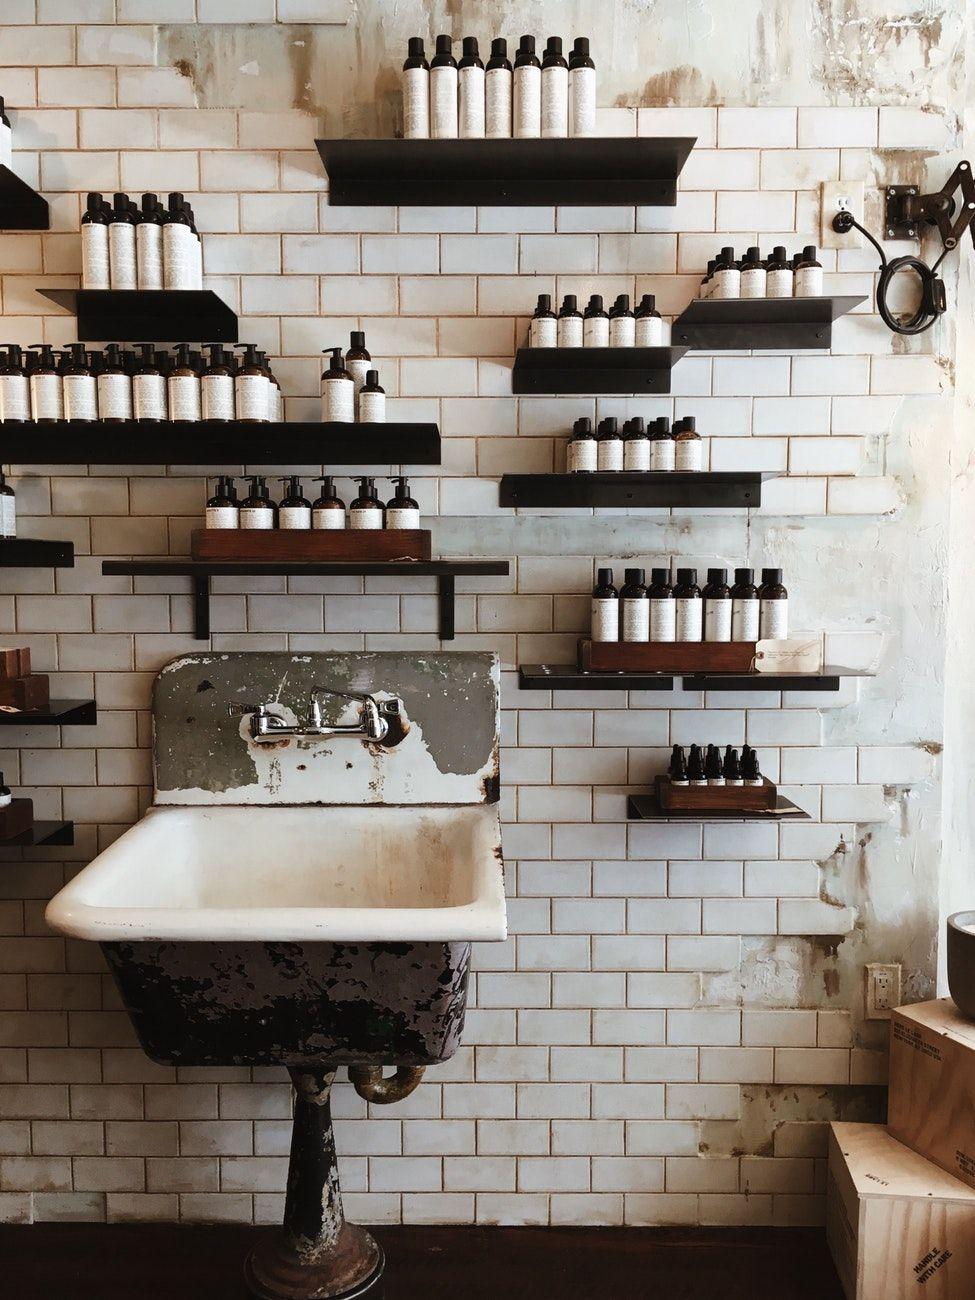 Bottles on wall shelves above sink store pinterest skin care